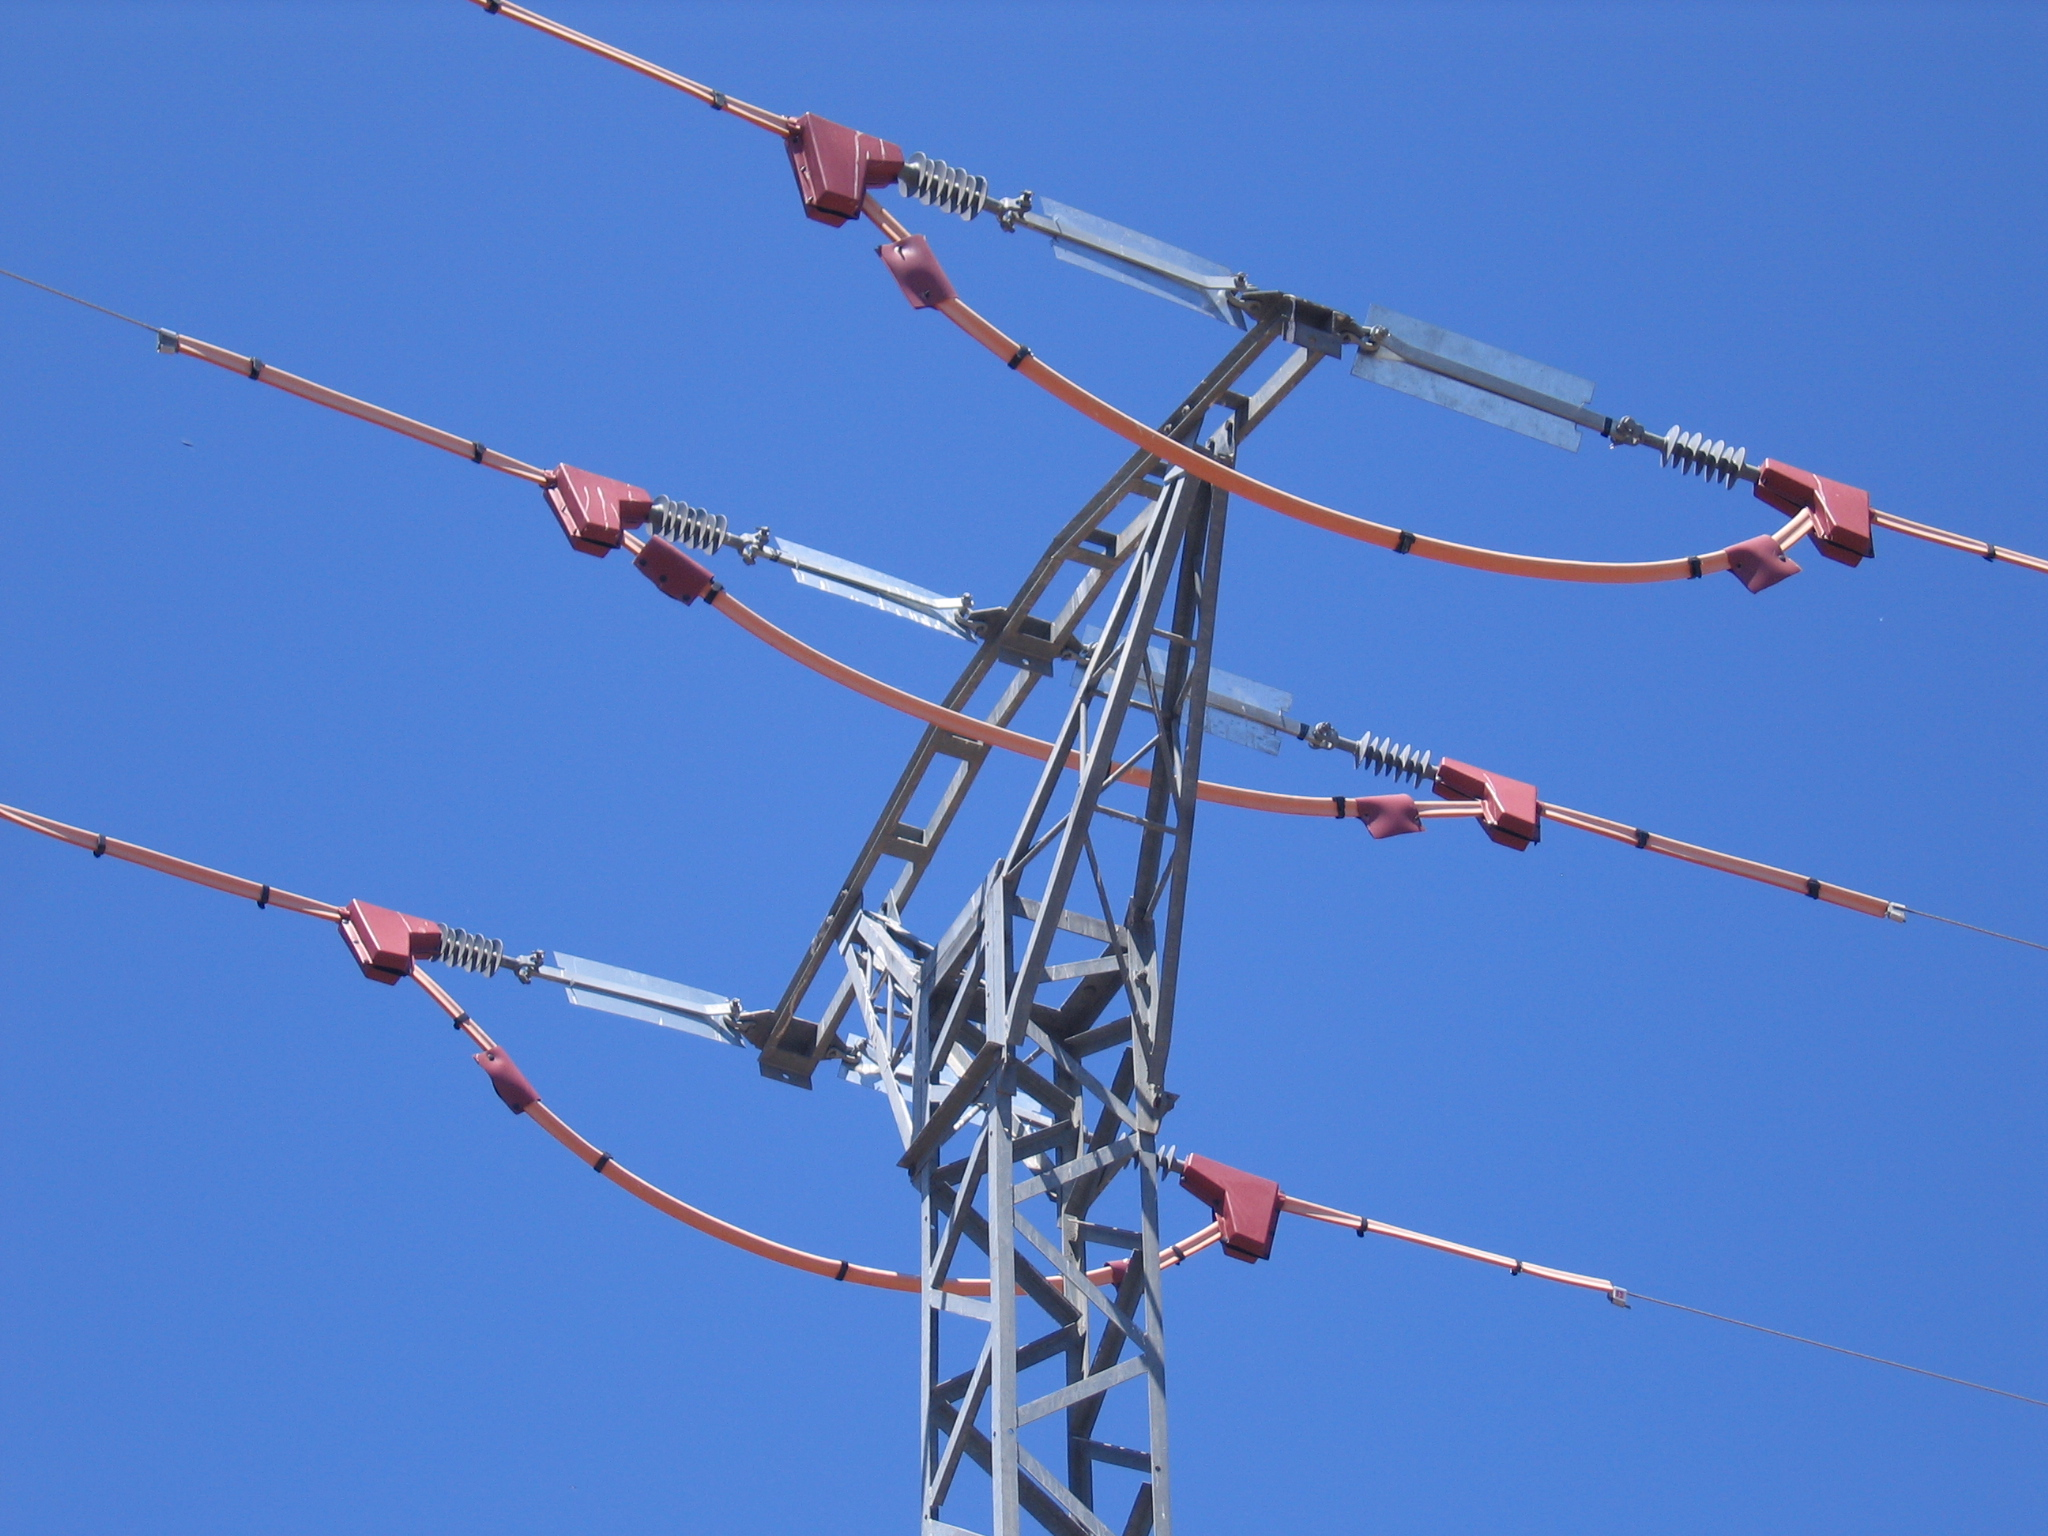 Aspecto del apoyo de un tendido eléctrico ya intervenido para evitar que mueran las aves. Foto: Plataforma SOS Tendidos Eléctricos